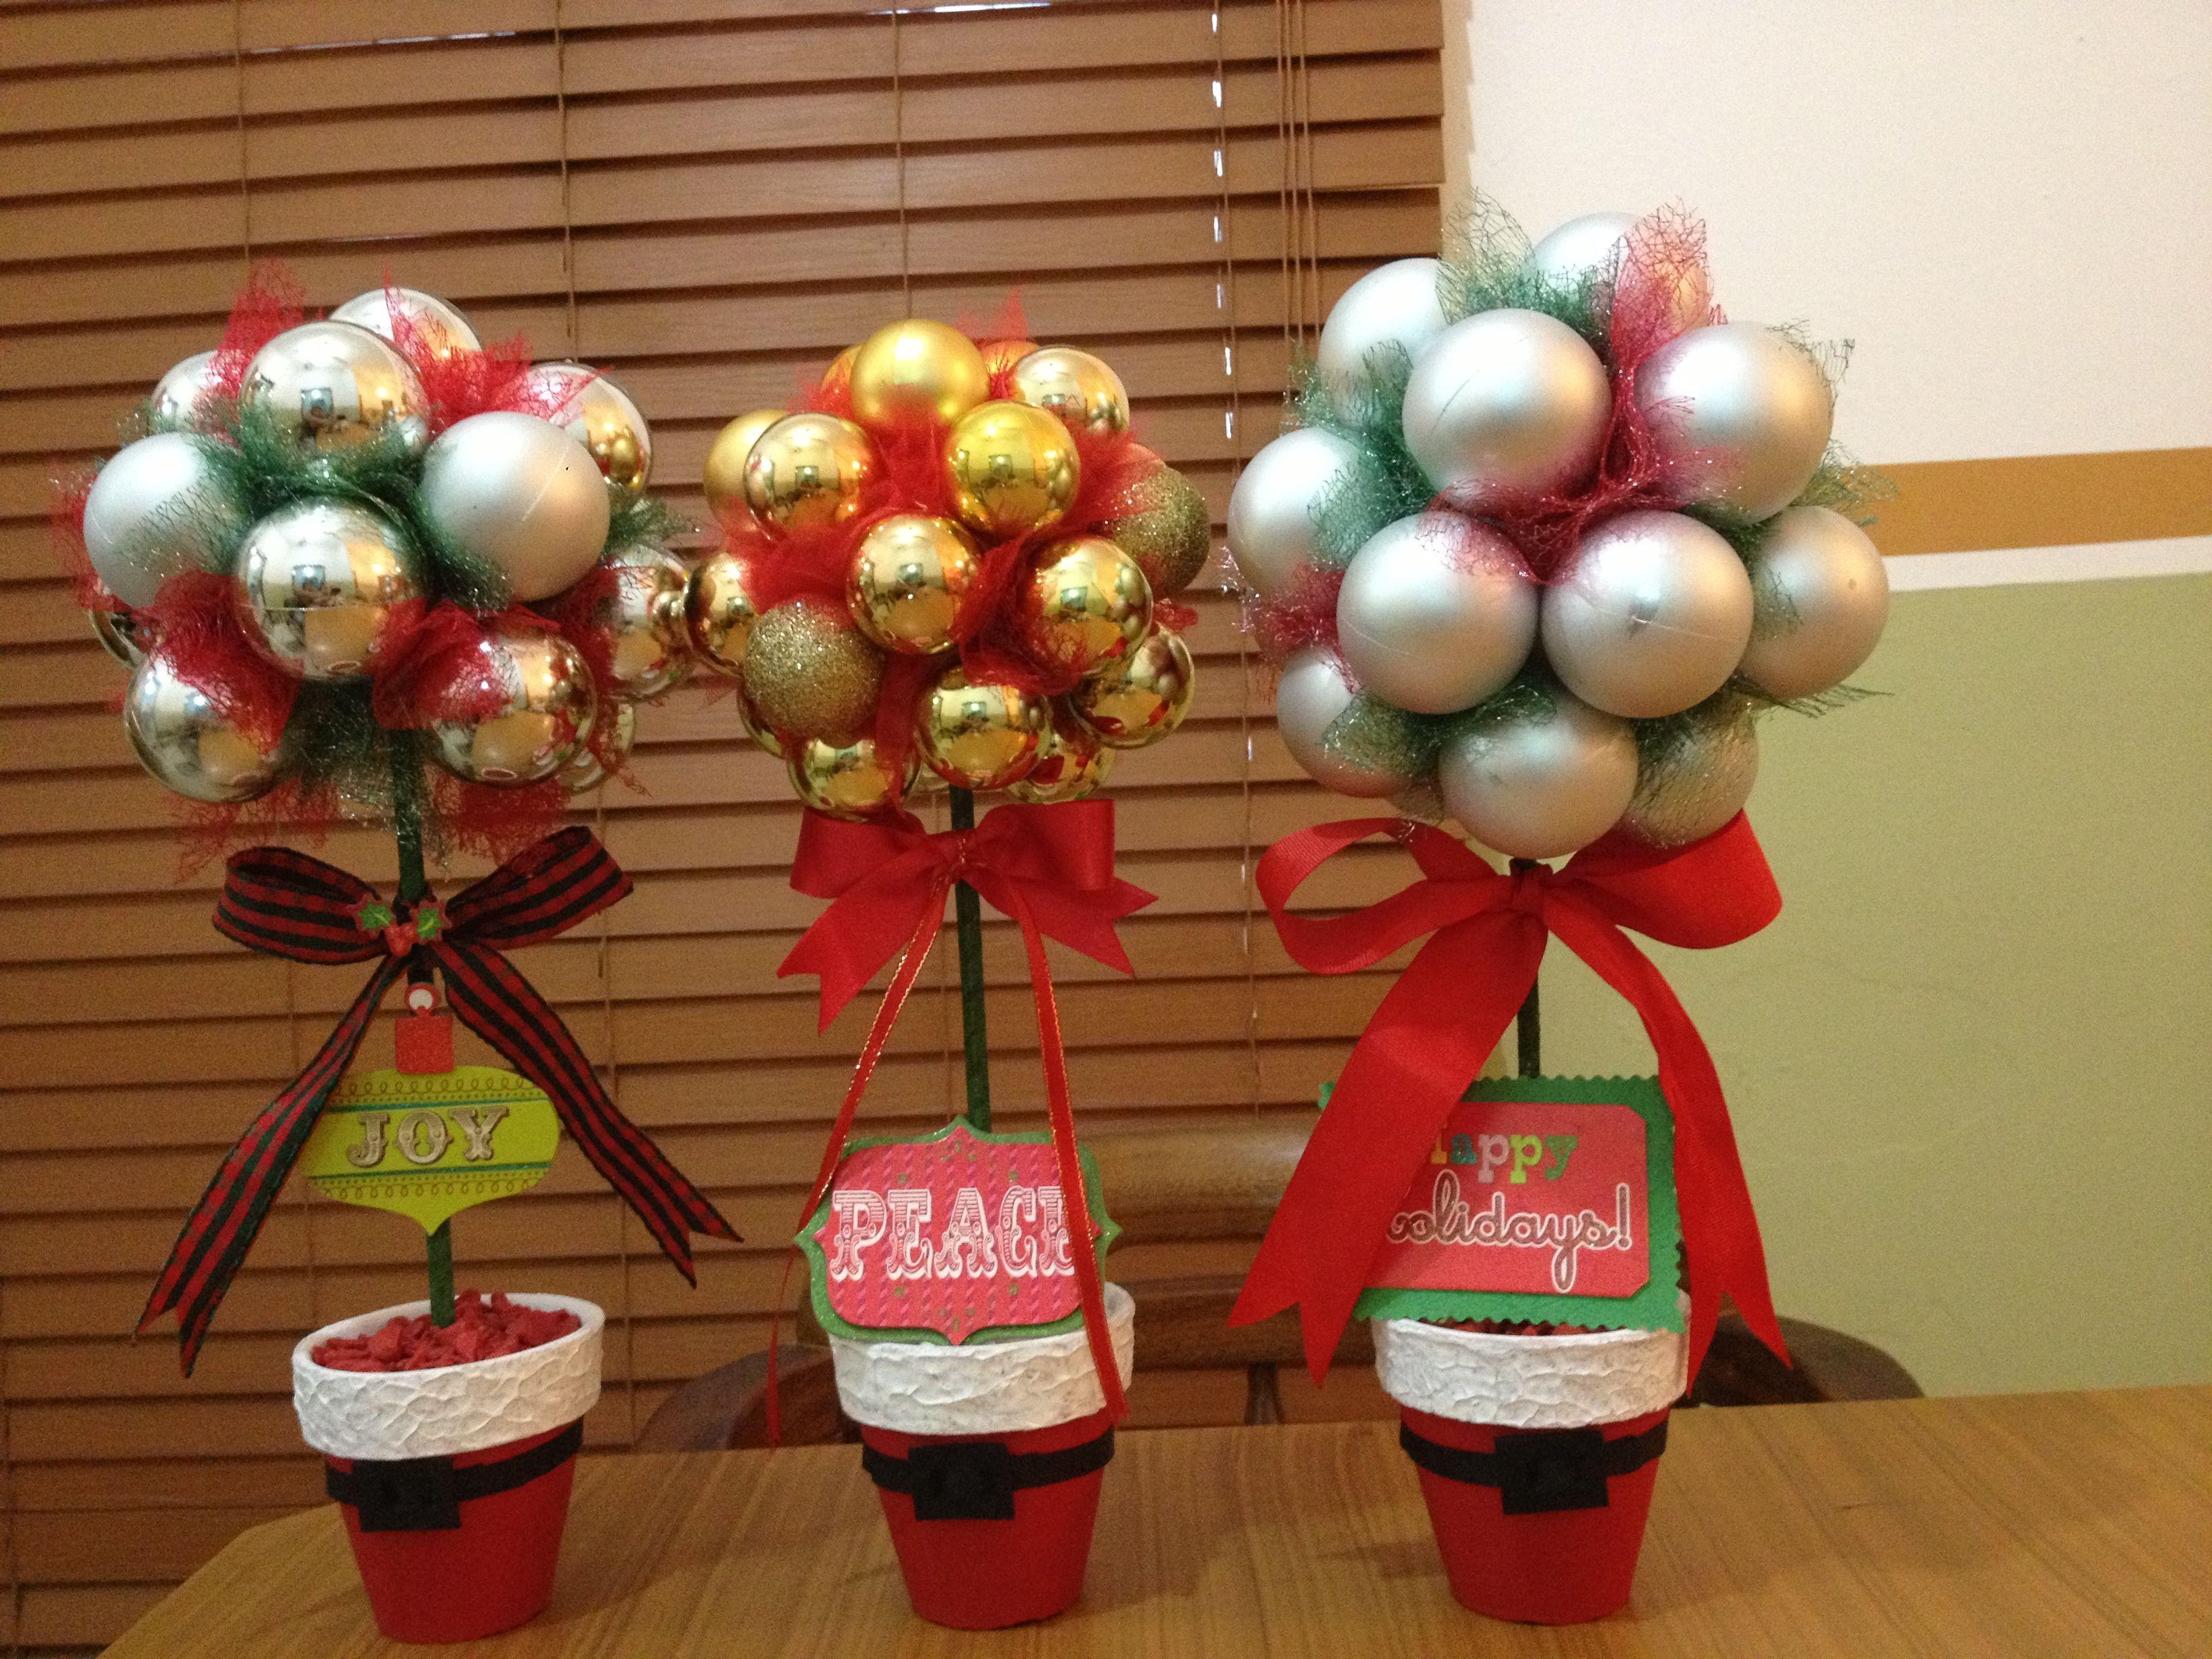 Topiarios products i love navidad bricolaje y manualidades y bricolaje - Manualidades y bricolaje ...